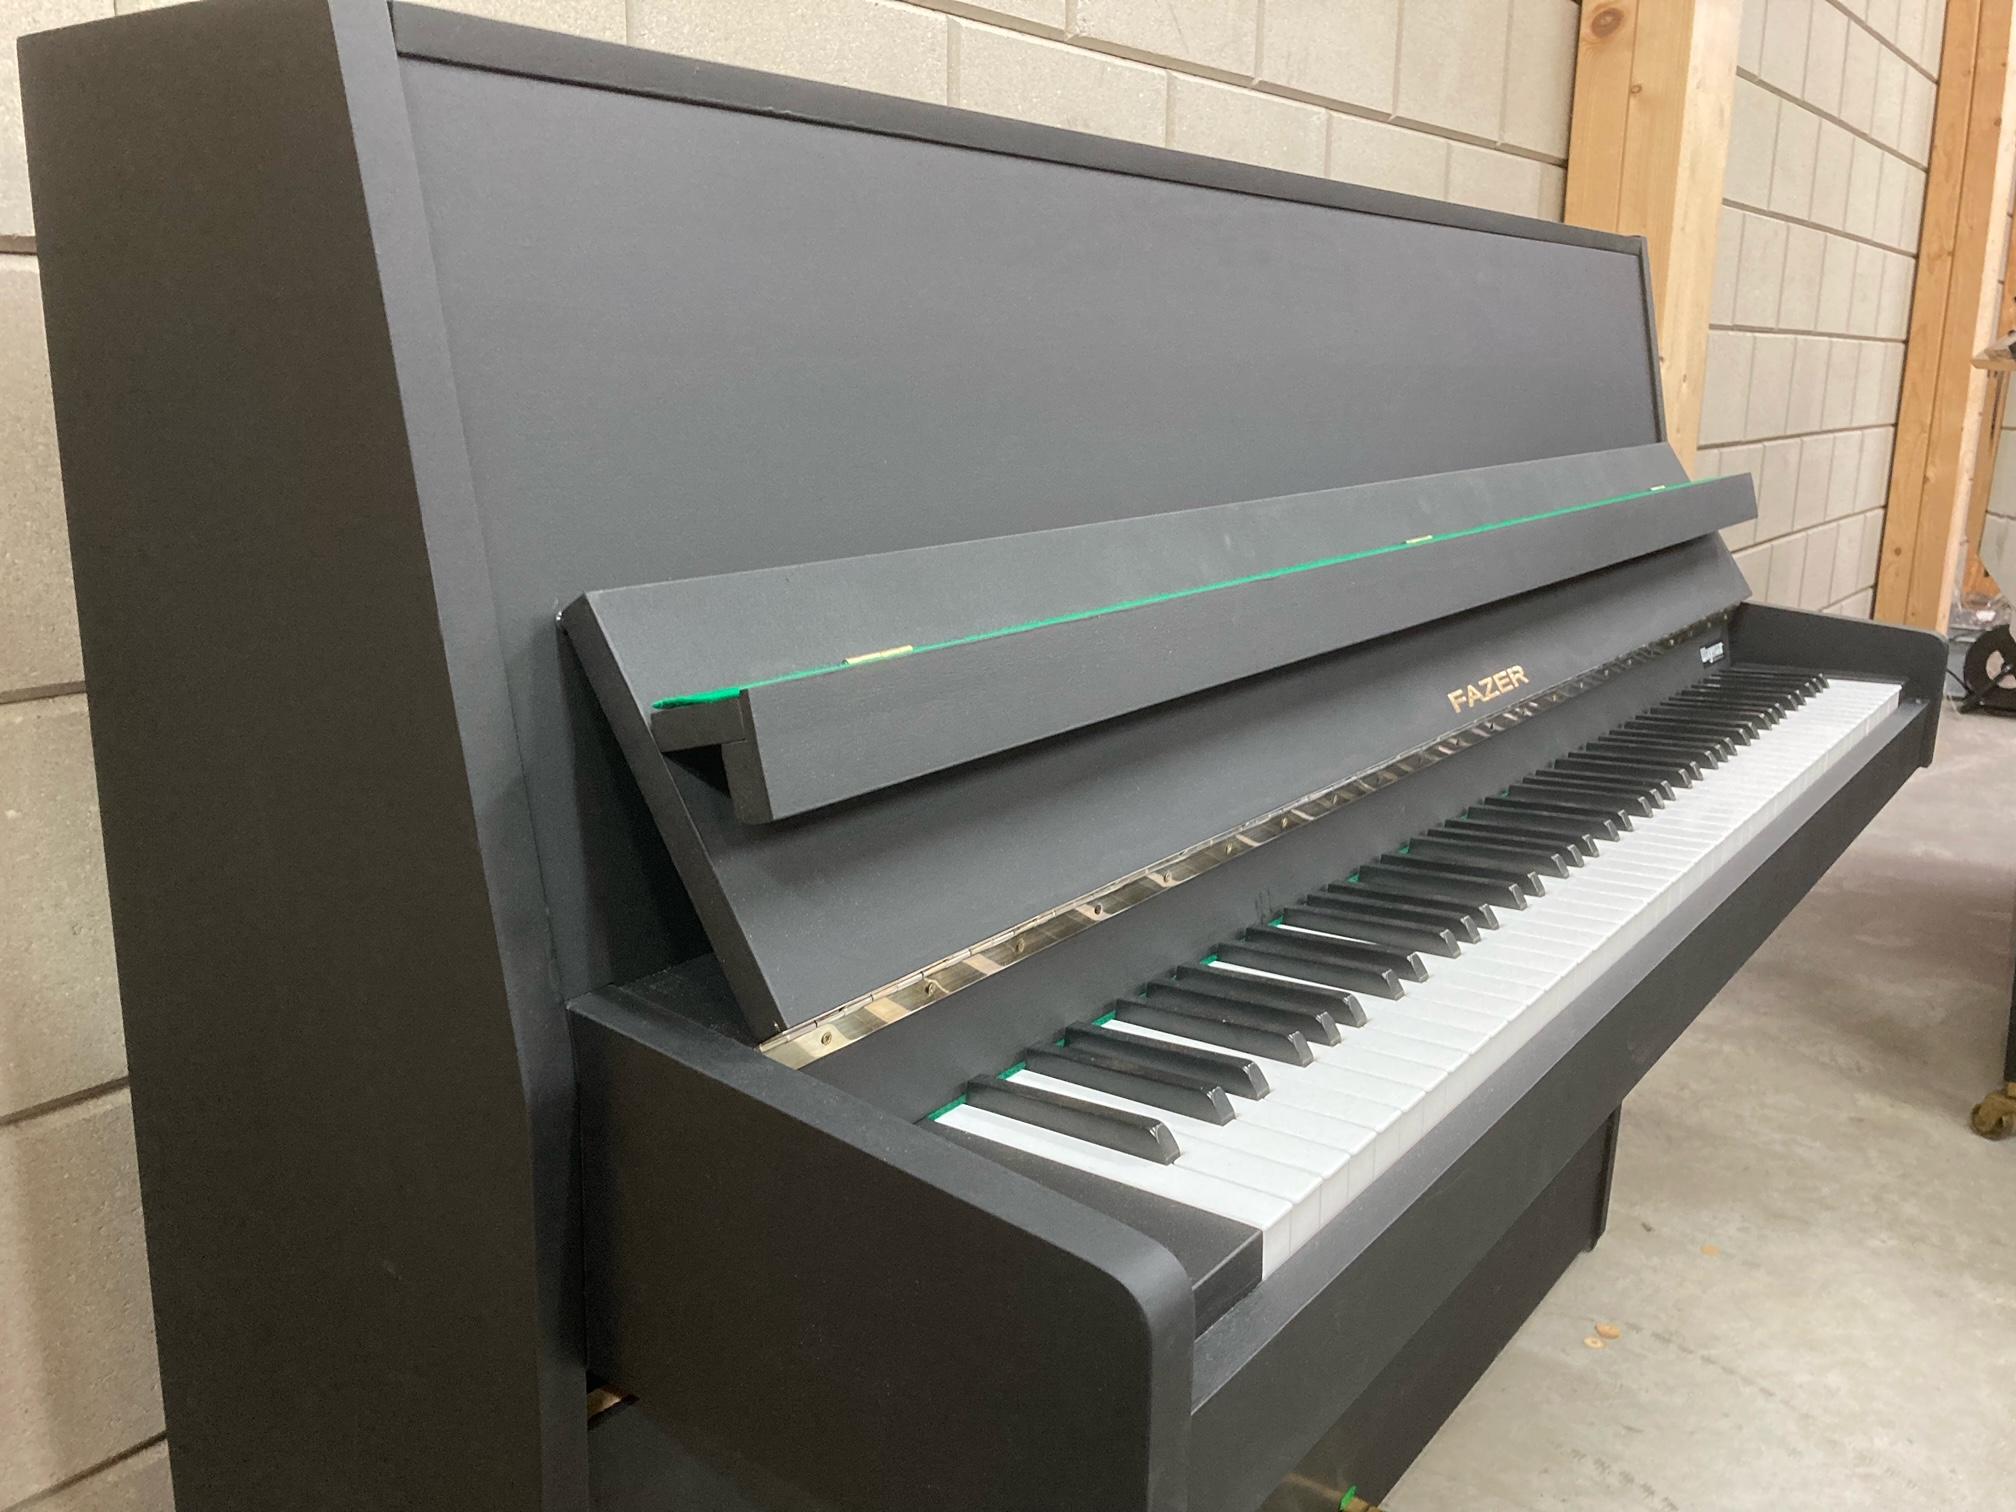 Piano kopen Friesland